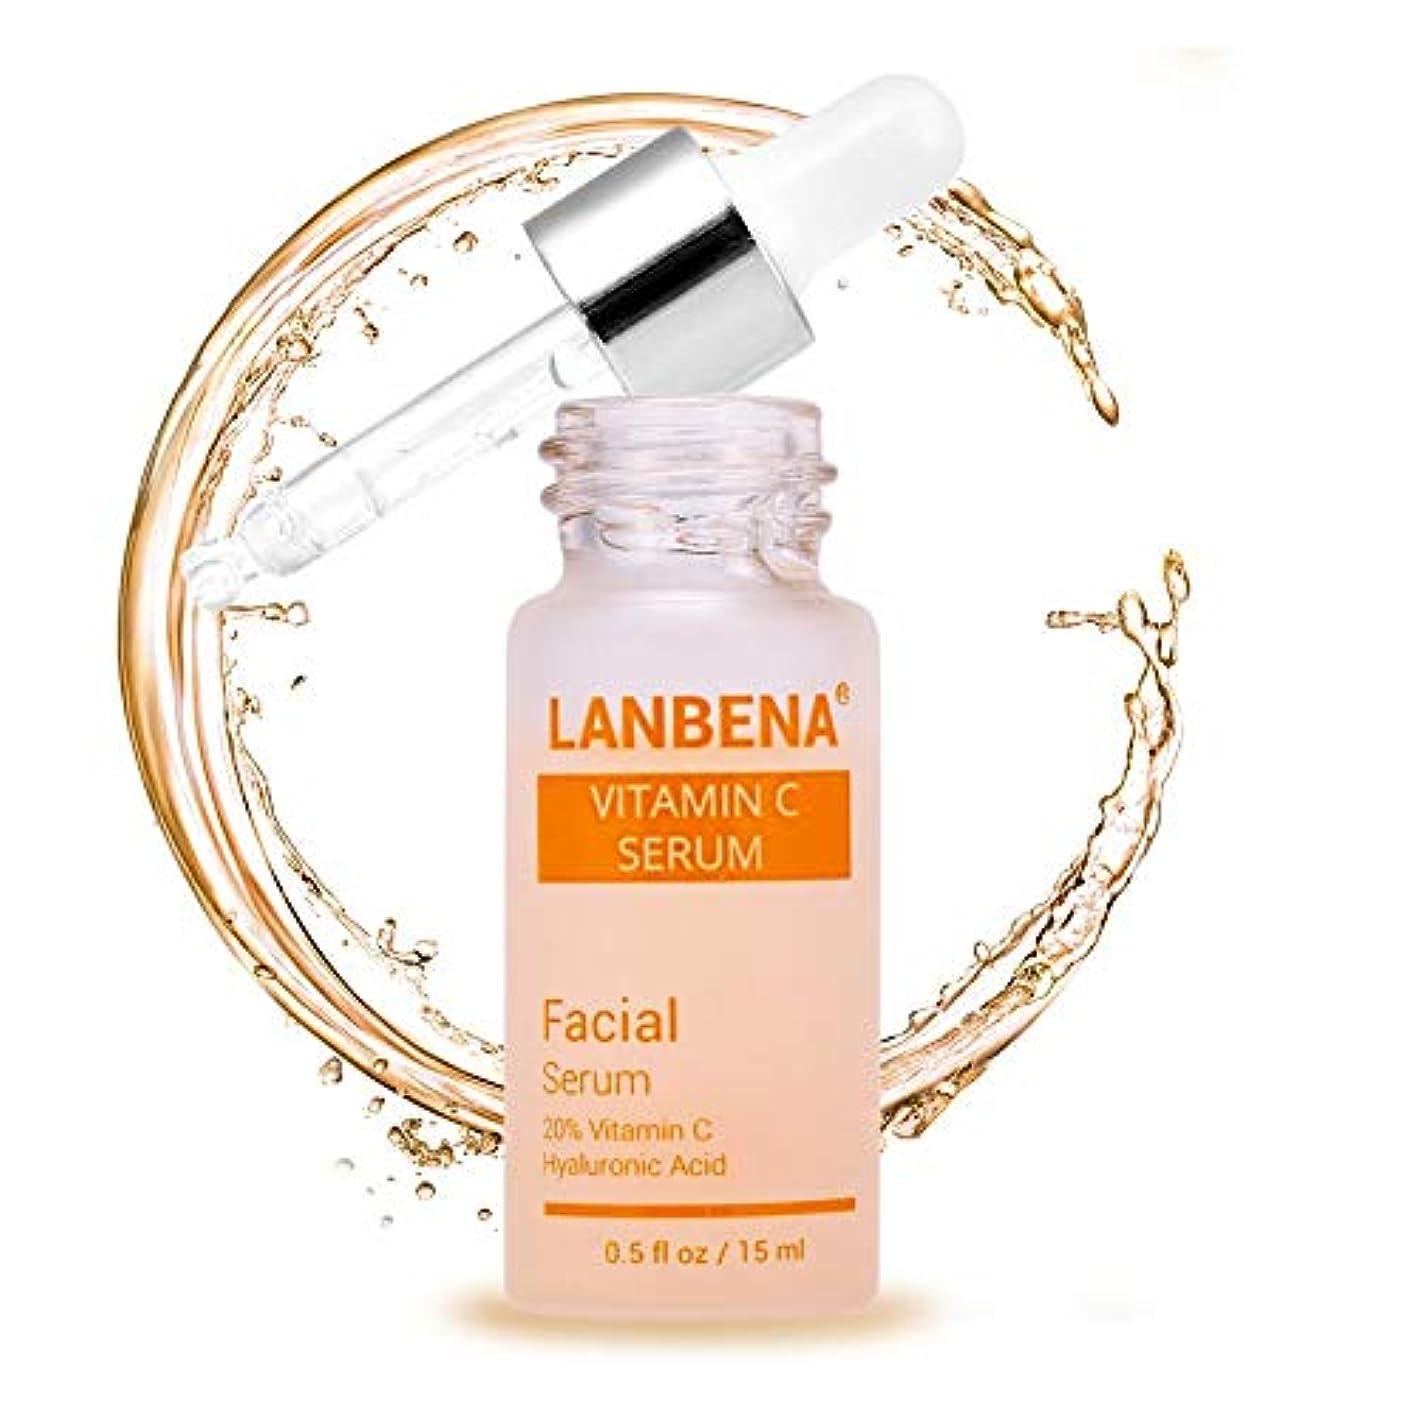 下位ラフ燃料SemmeのビタミンCの顔の血清は女性のための保湿の本質の反肌のリラクゼーション及び反しわのクリームを白くすることをそばかすを減らすのを助けます